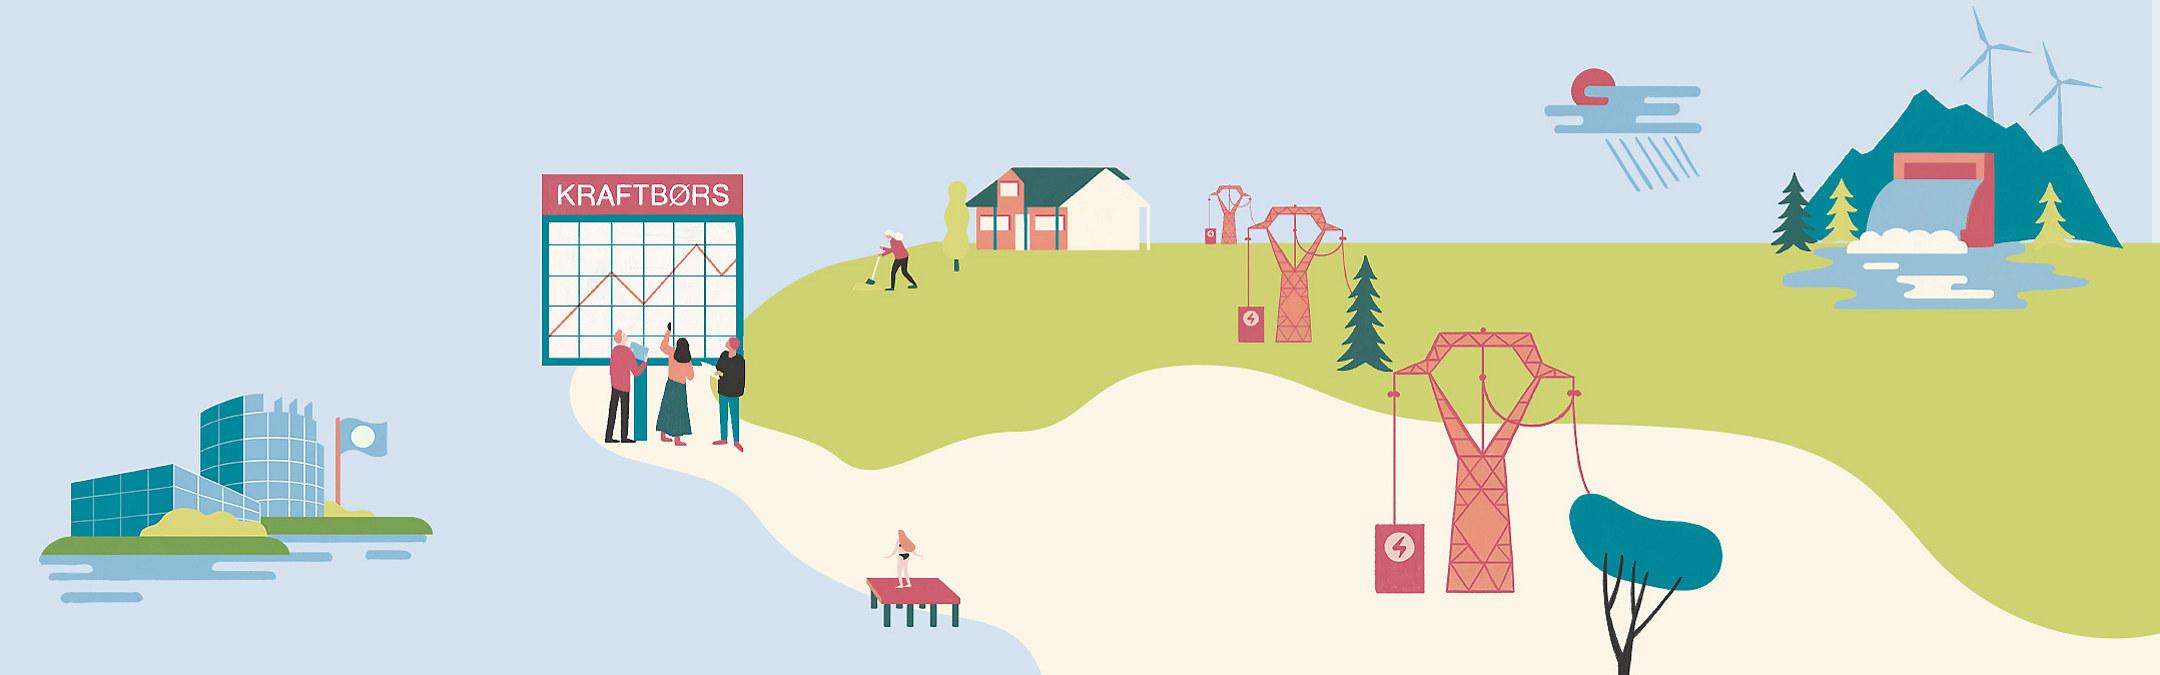 Illustrasjoner av fornybarnæringen og samfunn